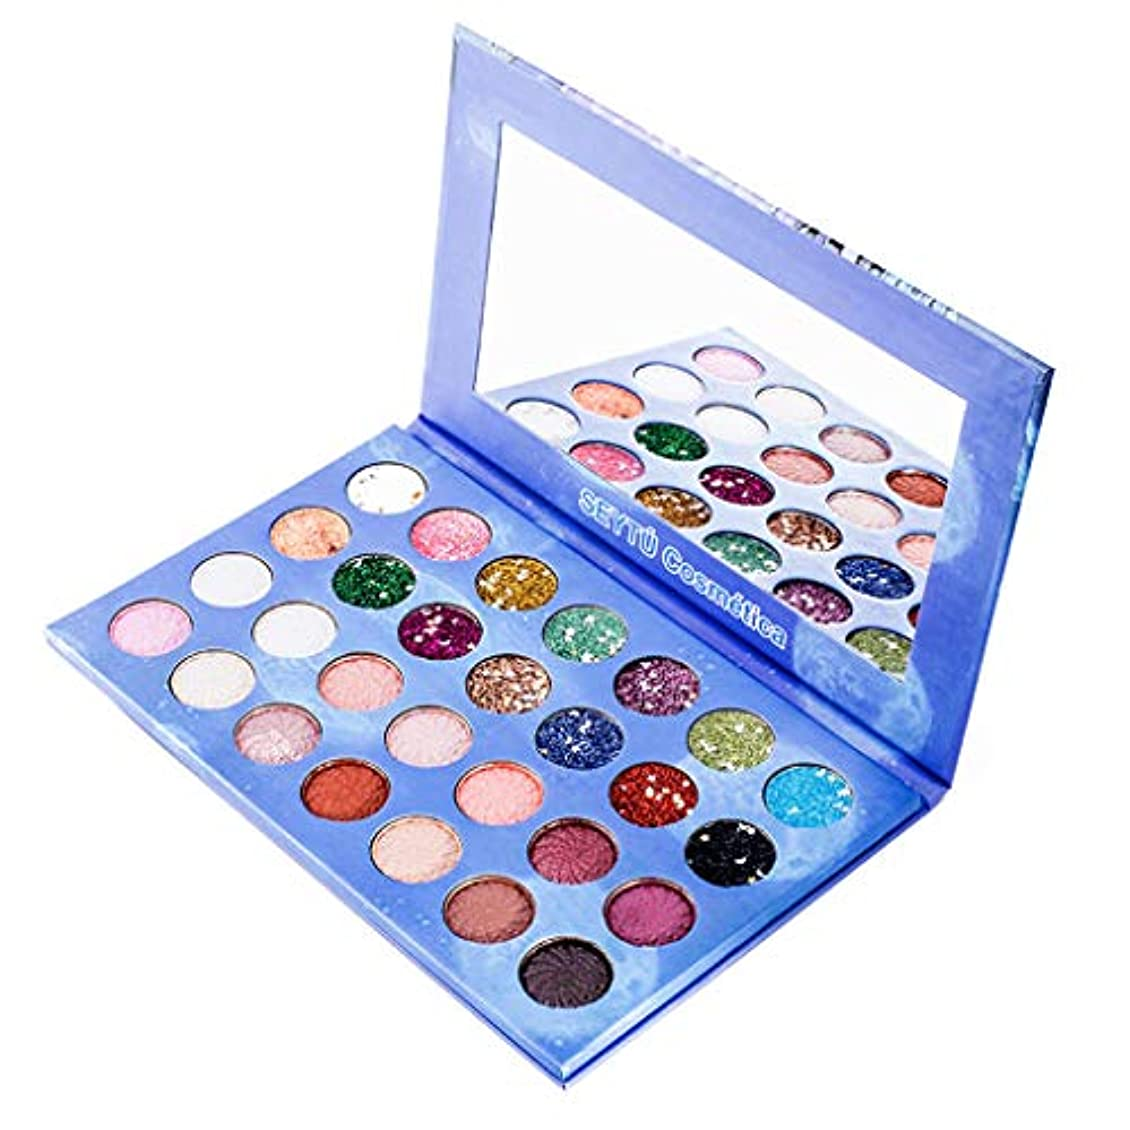 と闘う並外れた電池28色シマーマットアイシャドウアイシャドウパレットプロ化粧品メイクアップツール